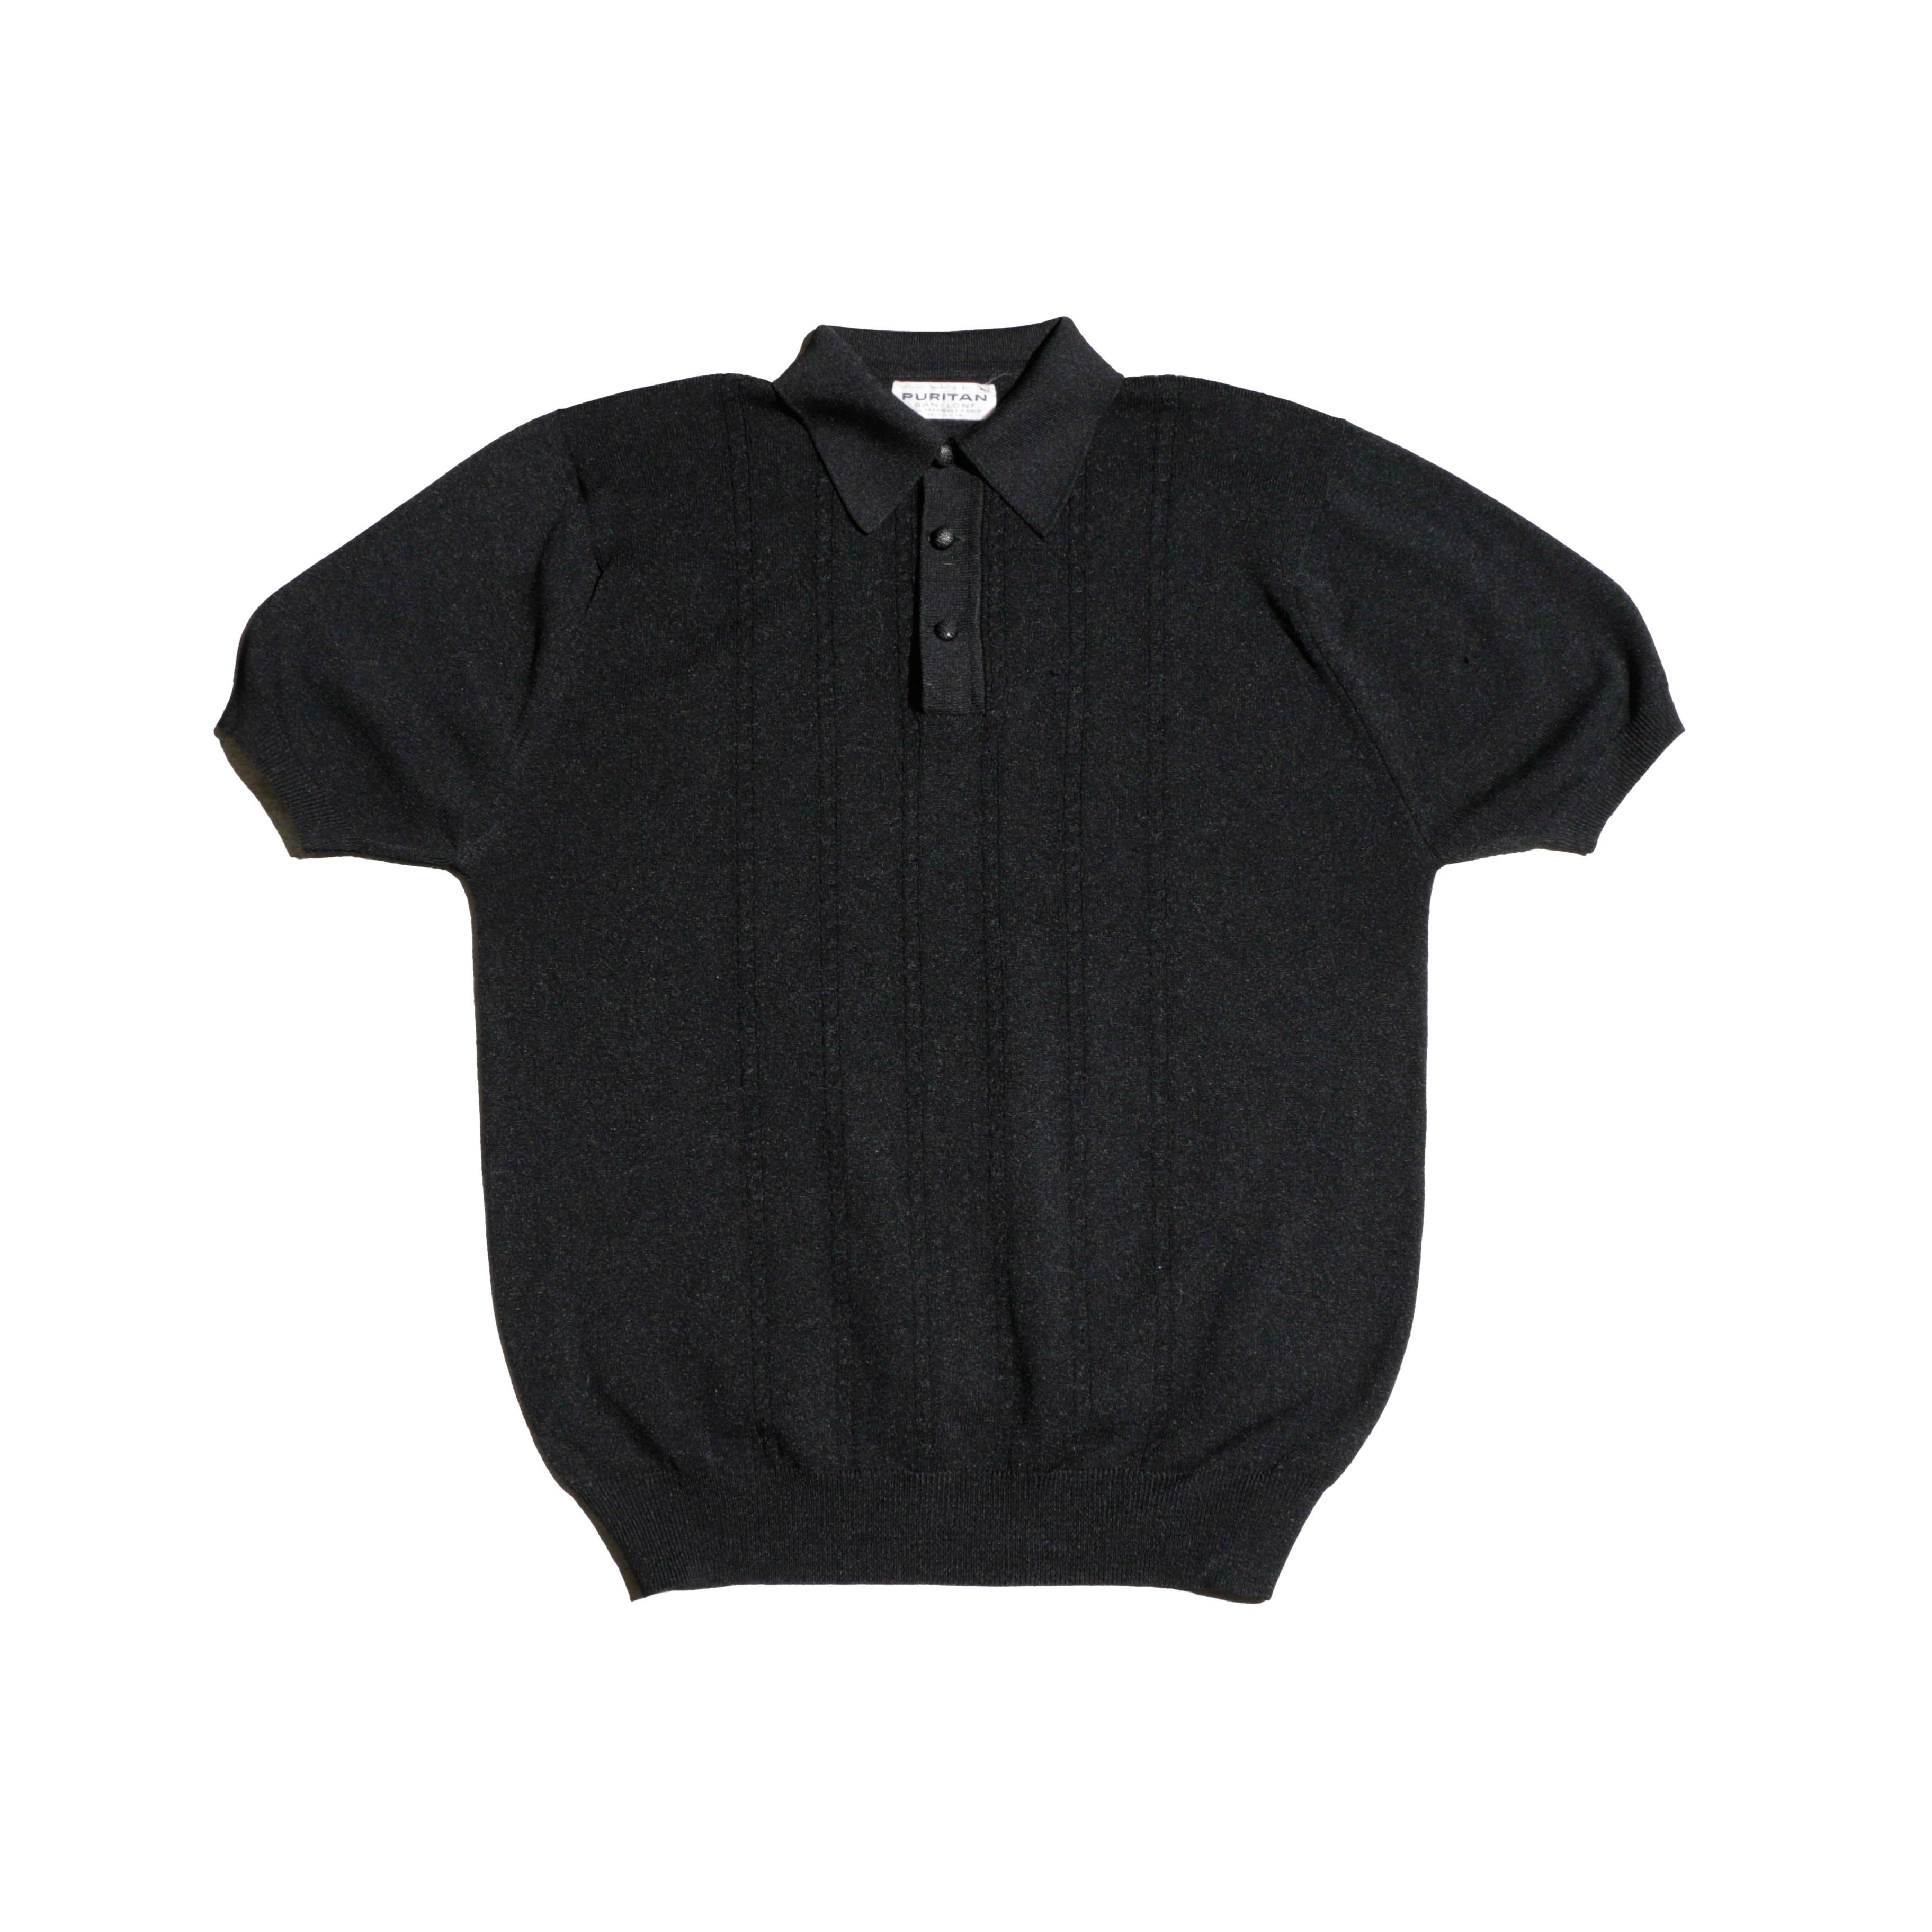 PURITAN 60sVintage HalfSleeveKnitPoloShirts